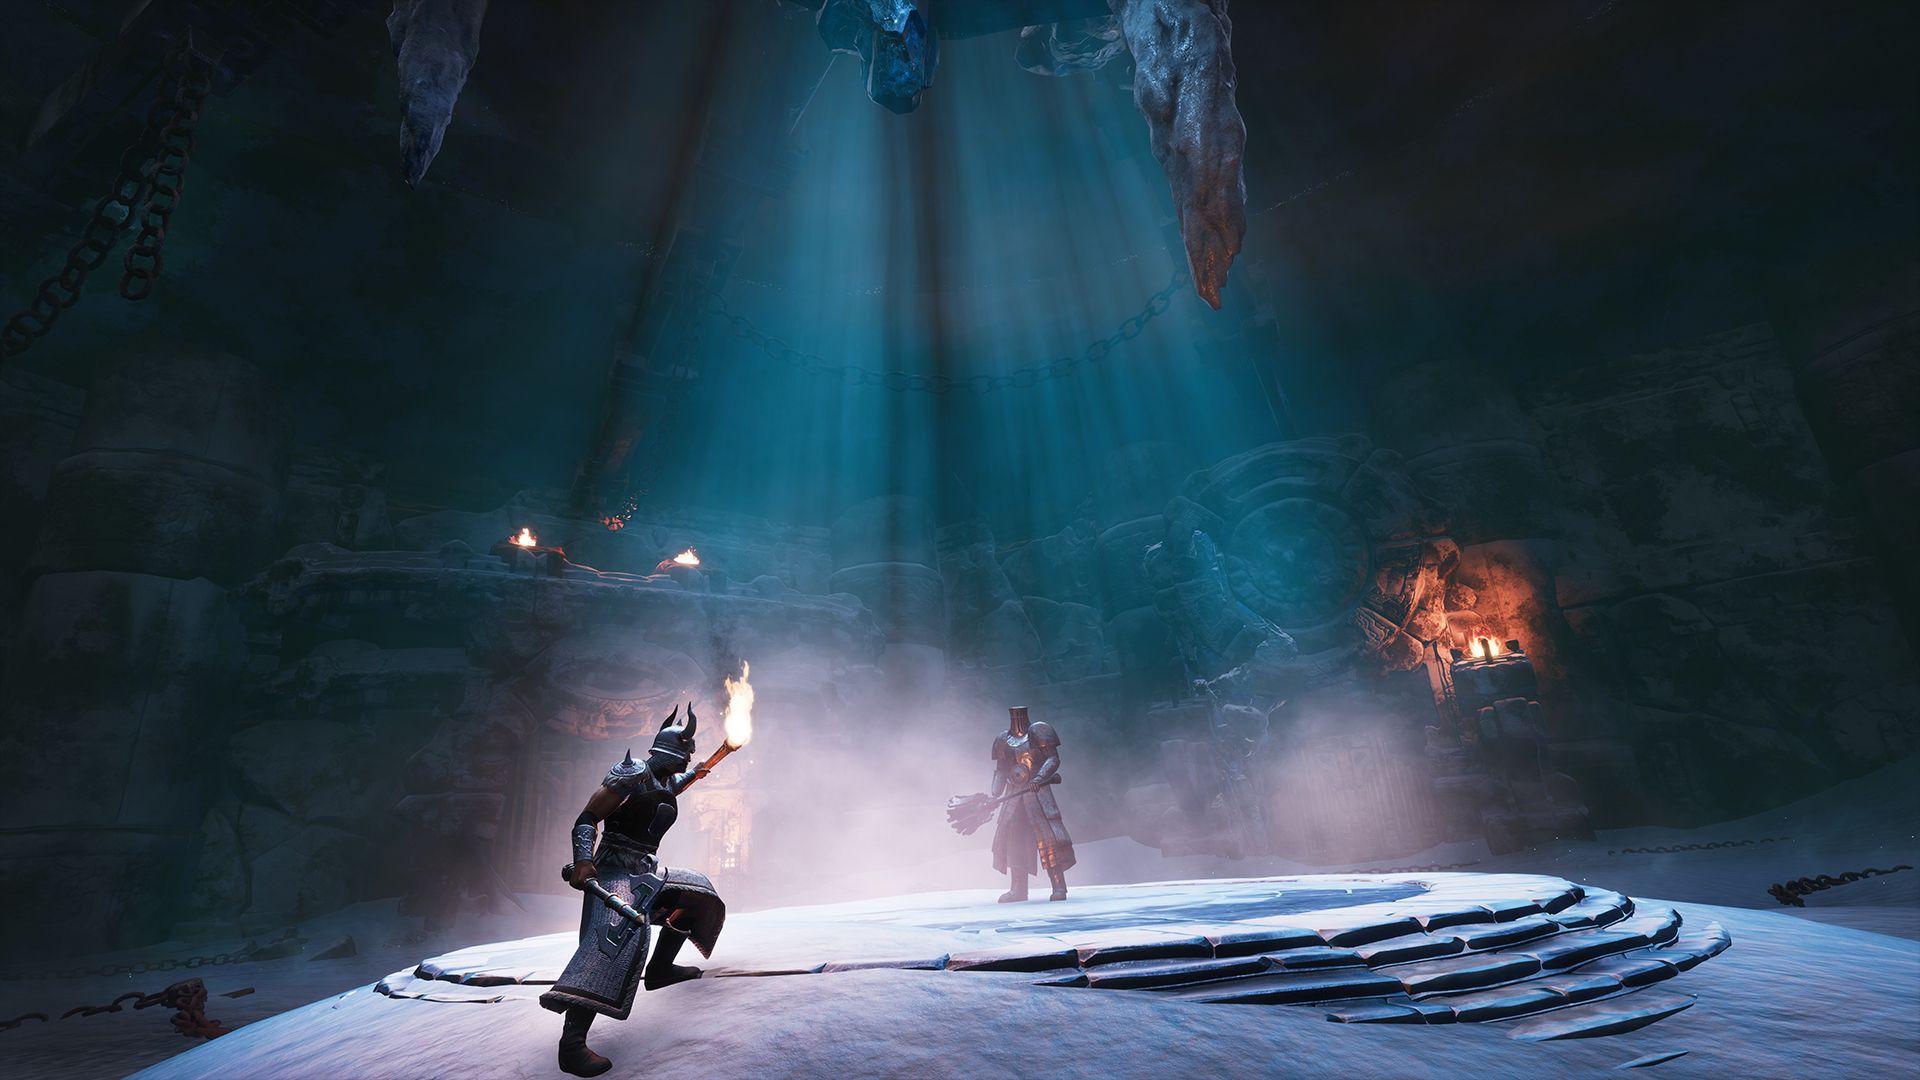 Святилище Воителя в Conan Exiles: Гайд по прохождению